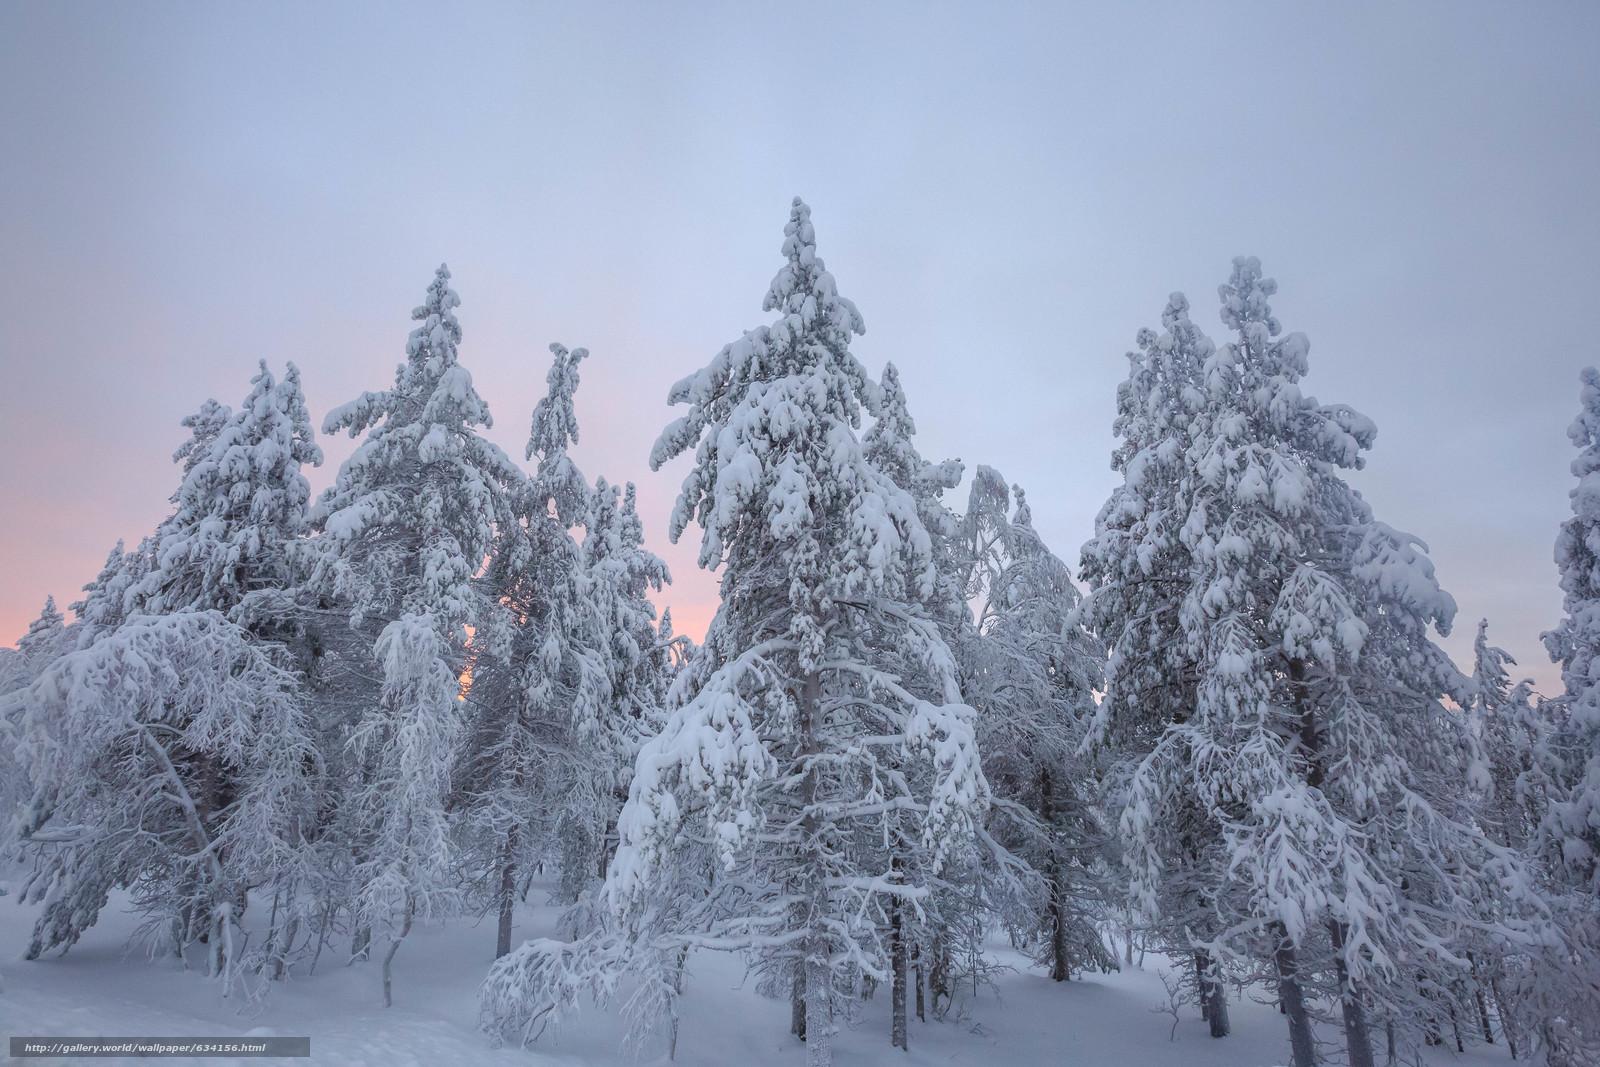 Tlcharger Fond d'ecran hiver,  coucher du soleil,  neige,  arbres Fonds d'ecran gratuits pour votre rsolution du bureau 5760x3840 — image №634156